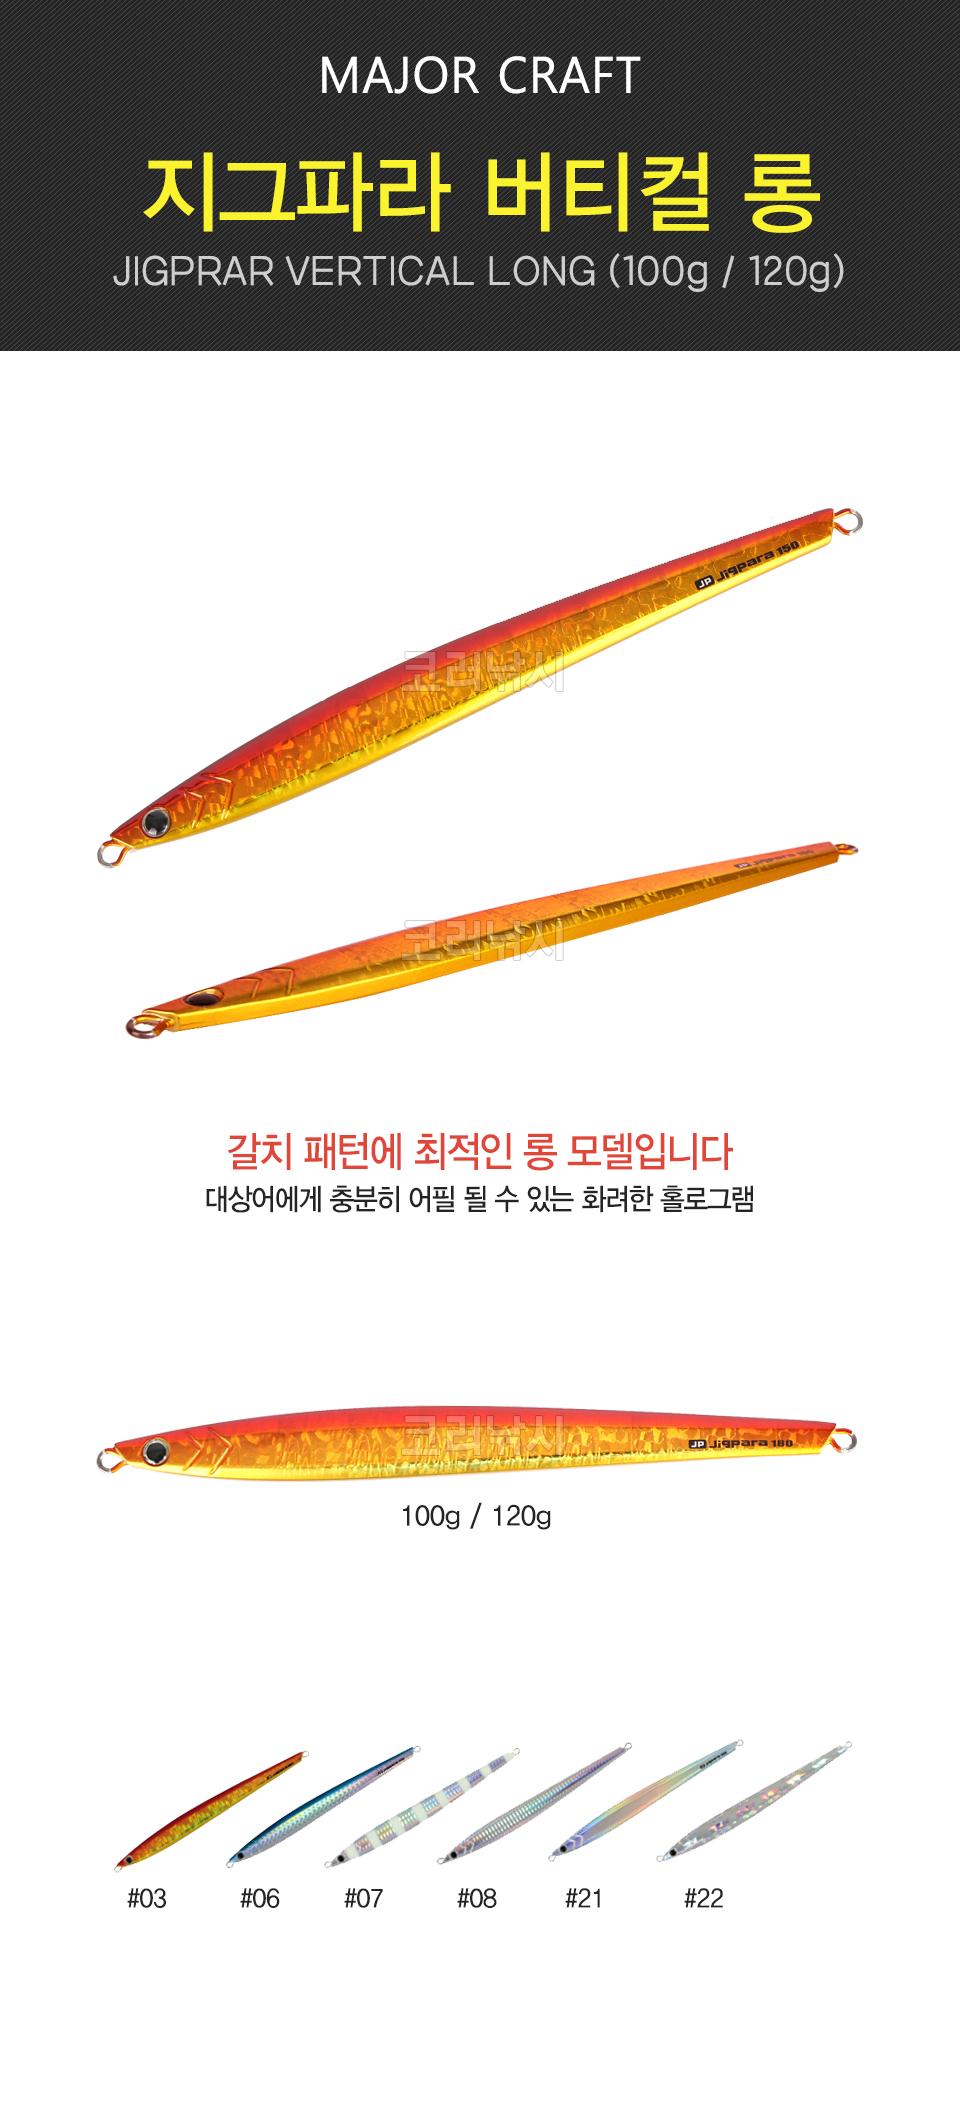 메이져크레프트 지그파라 버티컬 롱 (Jigpara Vertical Long) (100g,120g) 버티컬지깅 버티컬롱지그 롱버티컬지그 메이져메탈